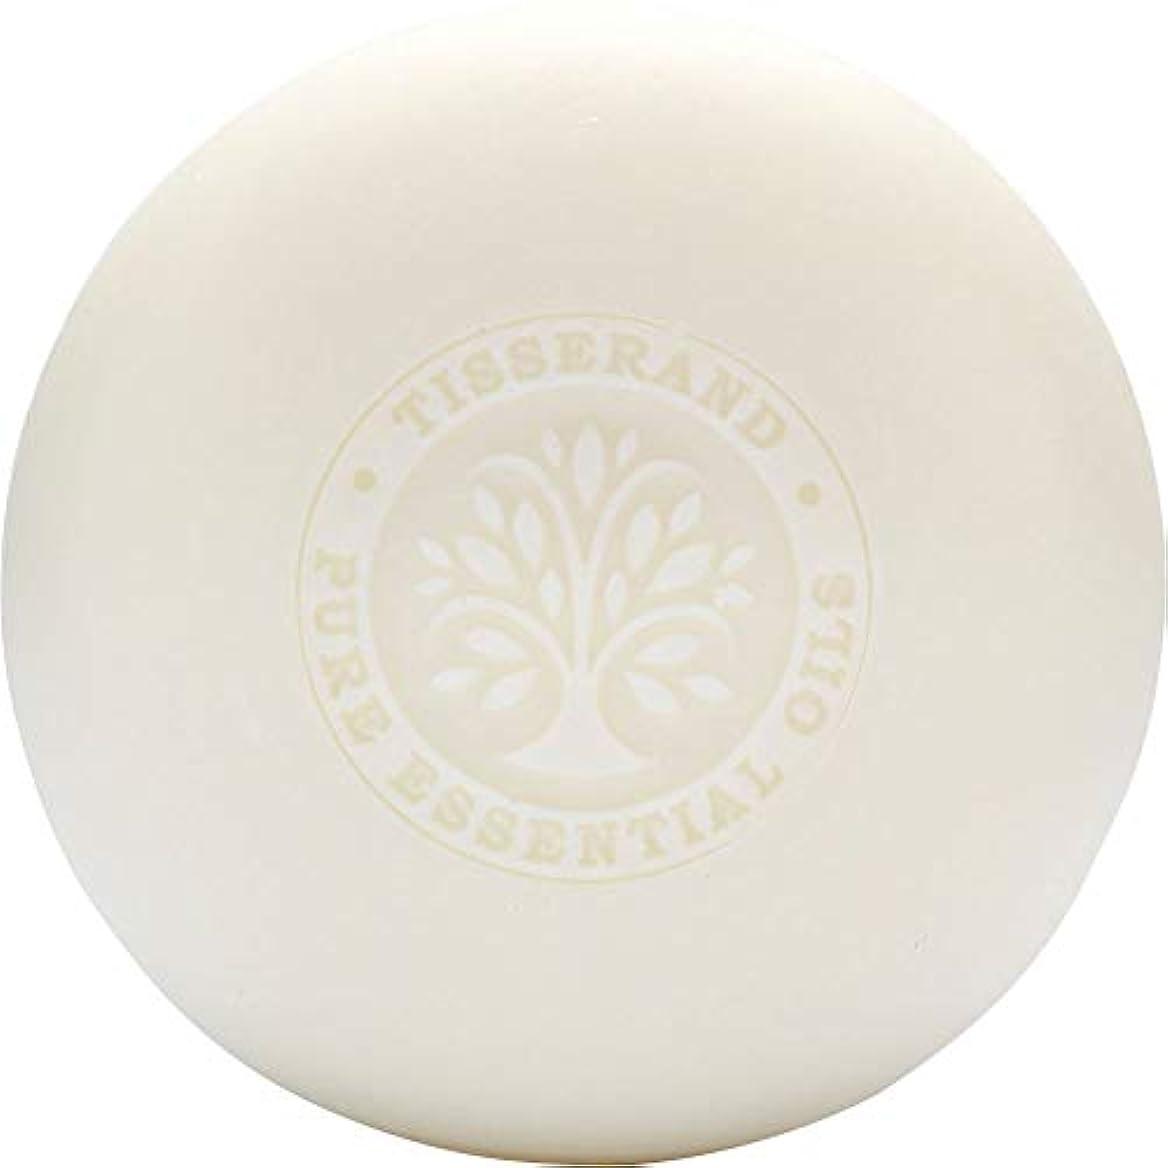 たるみ達成想像する[Tisserand] ティスランドローズ&ゼラニウムの葉石鹸100グラム - Tisserand Rose & Geranium Leaf Soap 100g [並行輸入品]